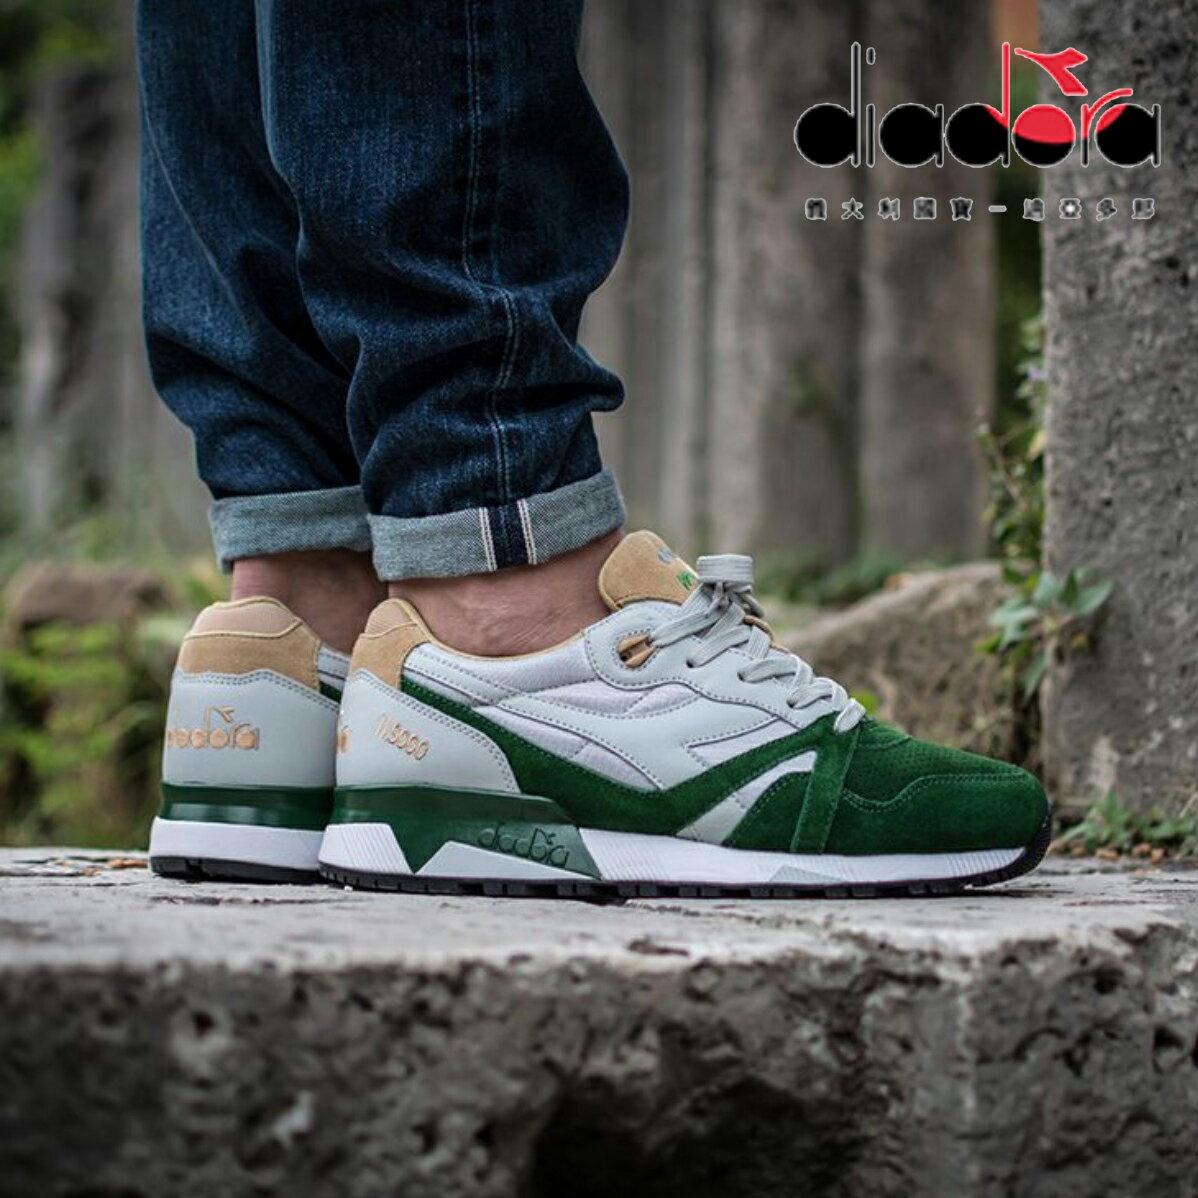 【巷子屋】義大利國寶鞋-DIADORA迪亞多納 男款N9000系列原廠雙皮革復古慢跑鞋 [C6285] 淺灰駝綠 超值價$980